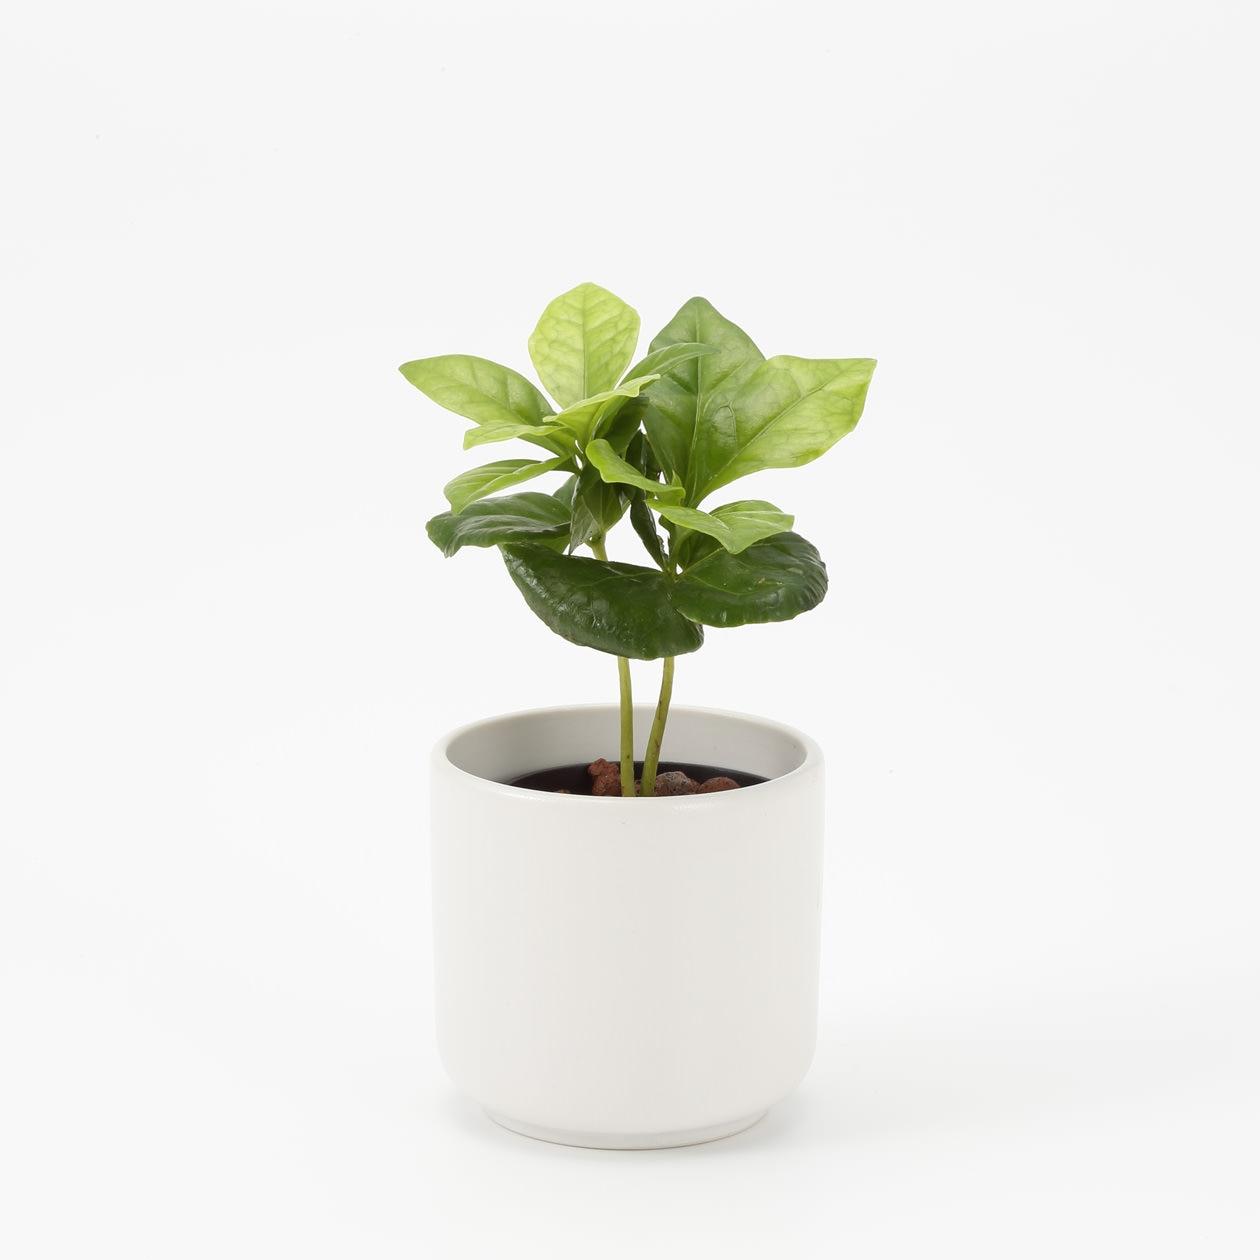 瀬戸焼の鉢 コーヒーの木 2号